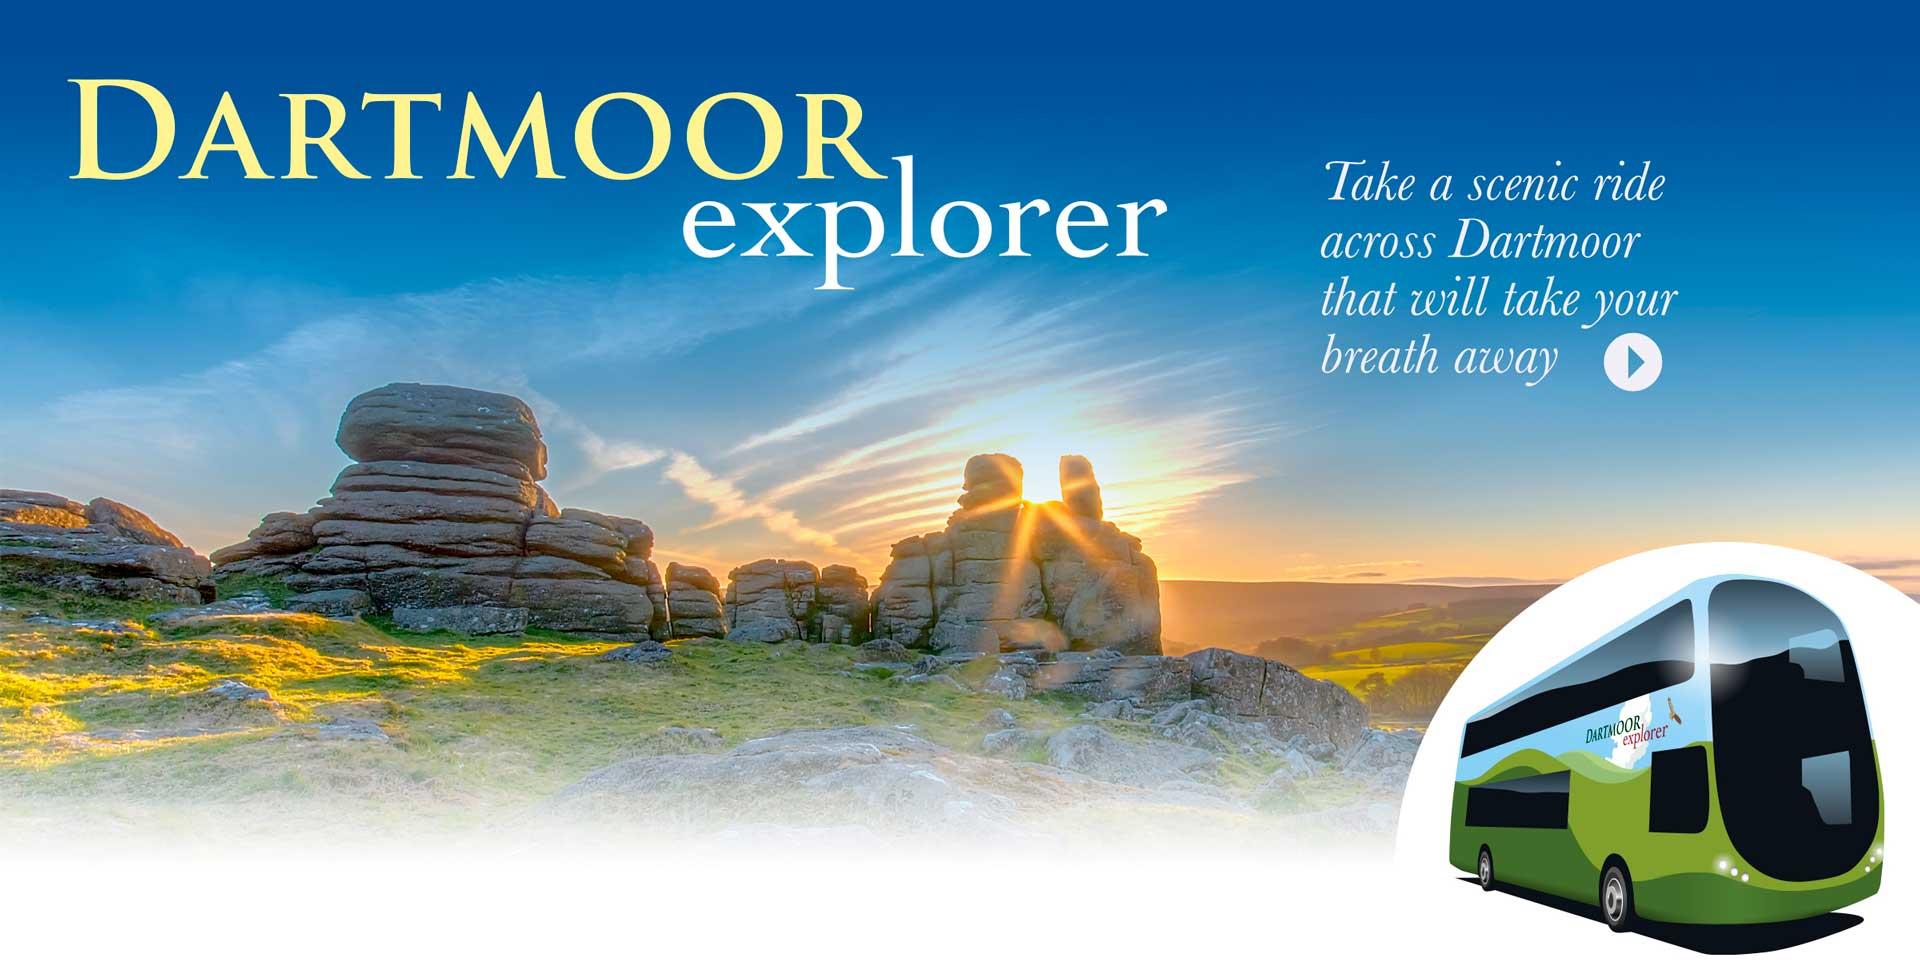 dartmoor-explorer-header-logo-sml